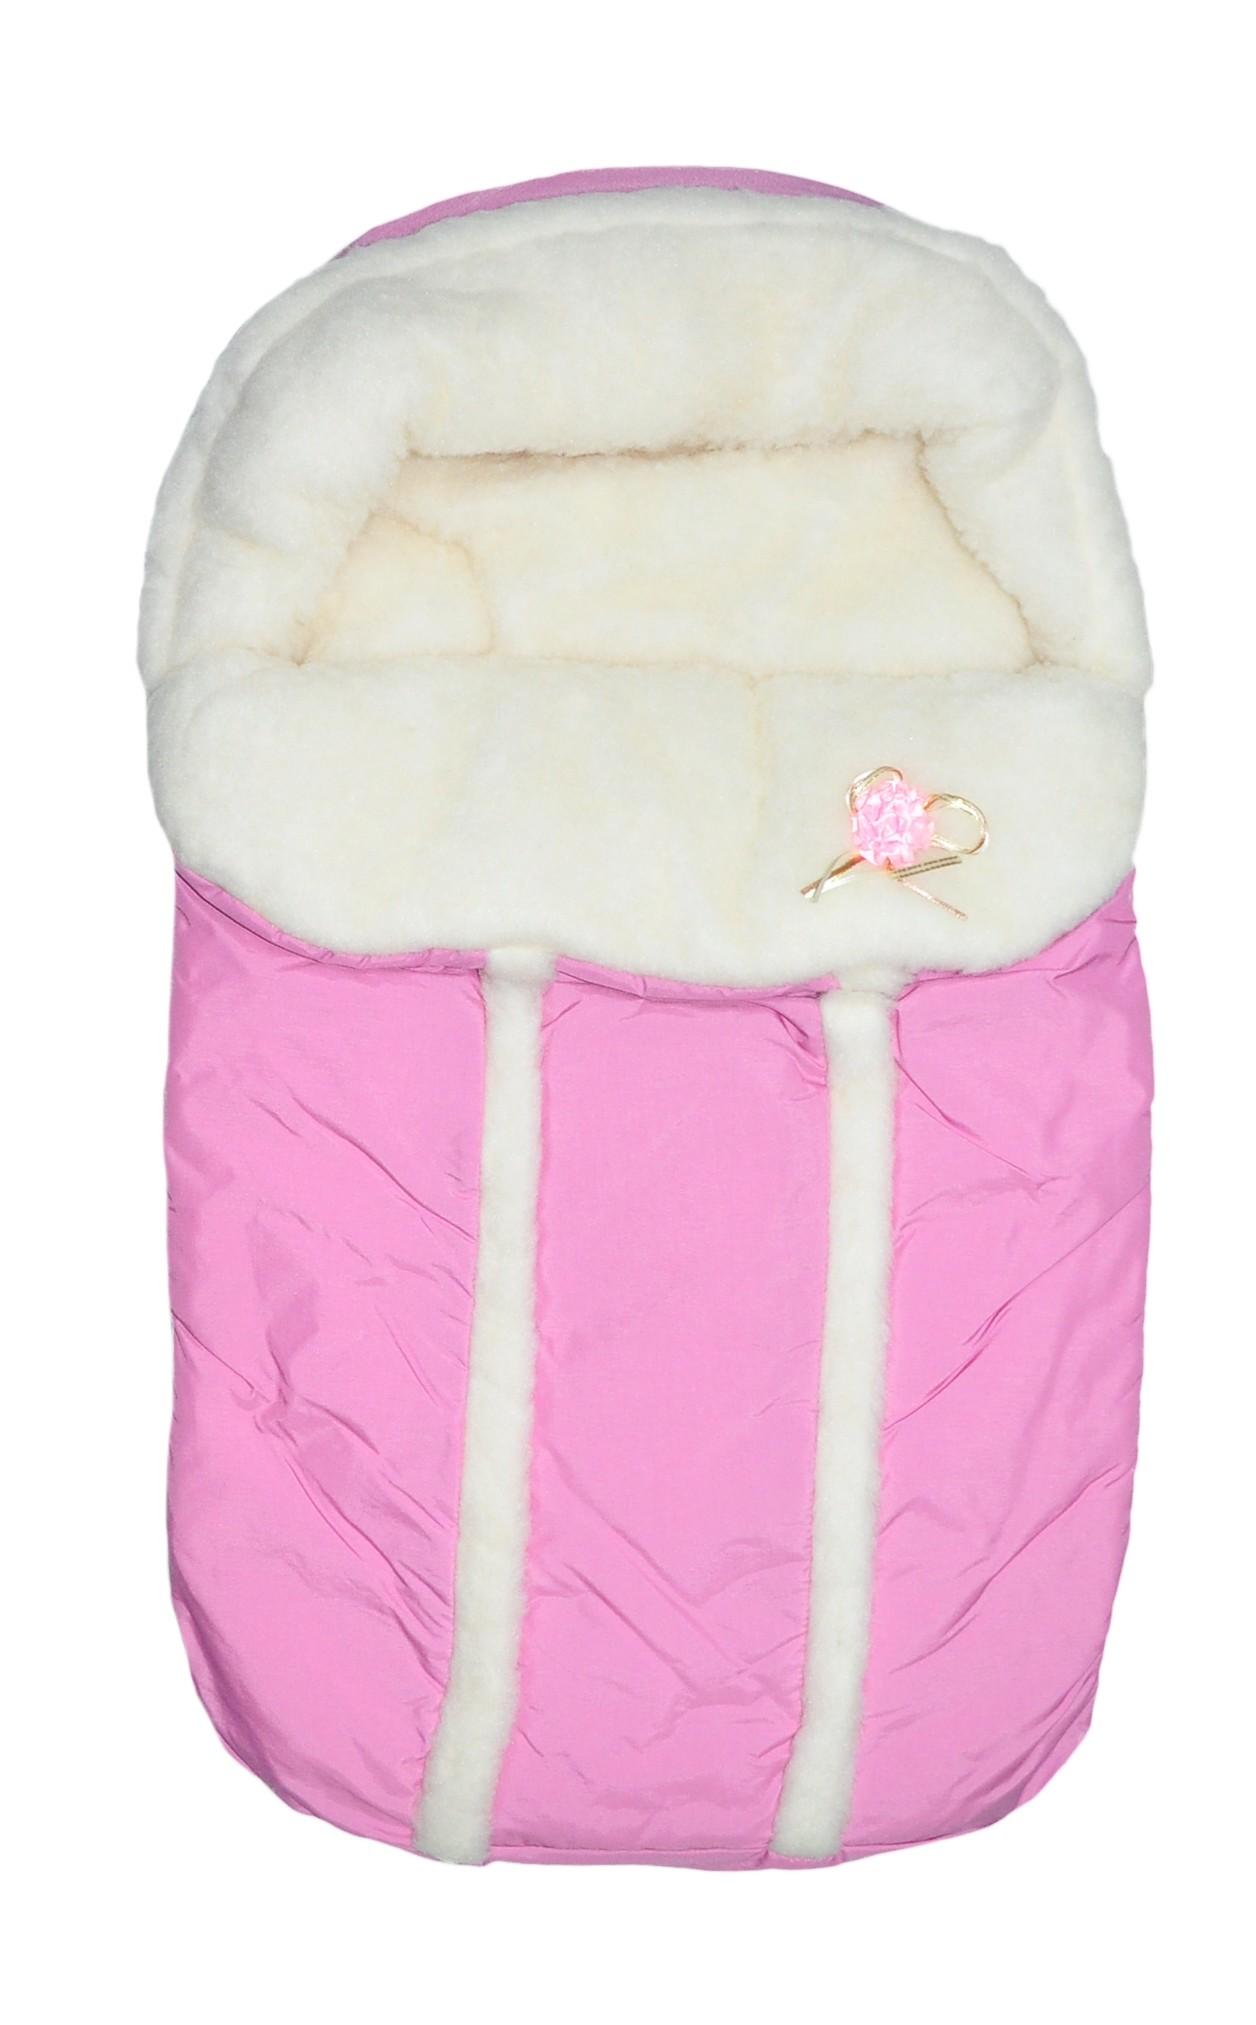 Аксессуары для колясок Арго Конверт меховой Арго «Зима» розовый конверт детский christ меховой конверт tula из овчины sahara